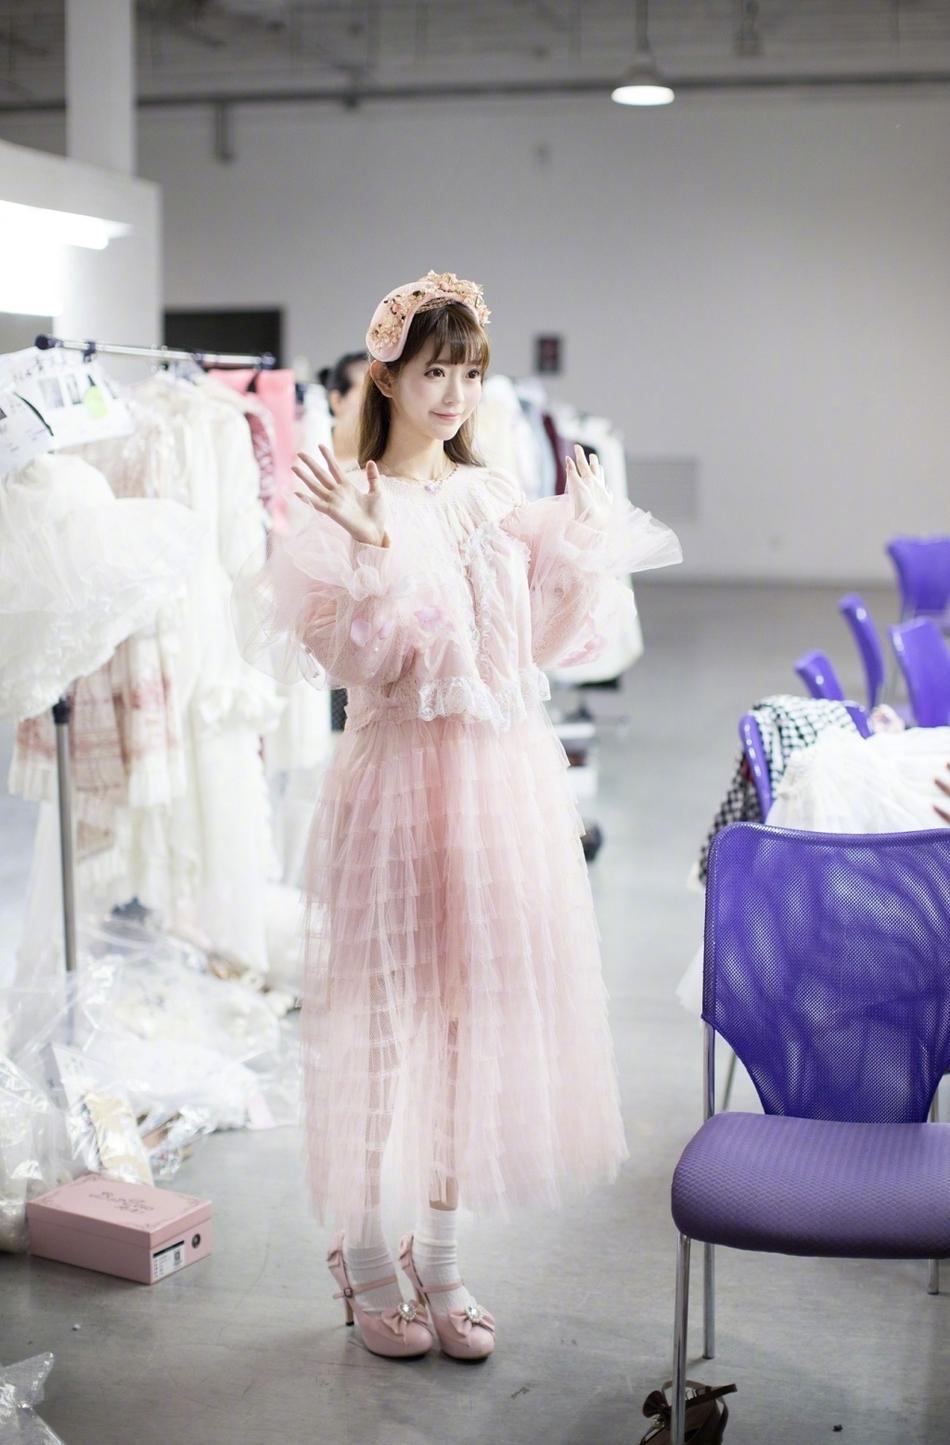 韩国美女们的时尚运动紧身裤秀。超清